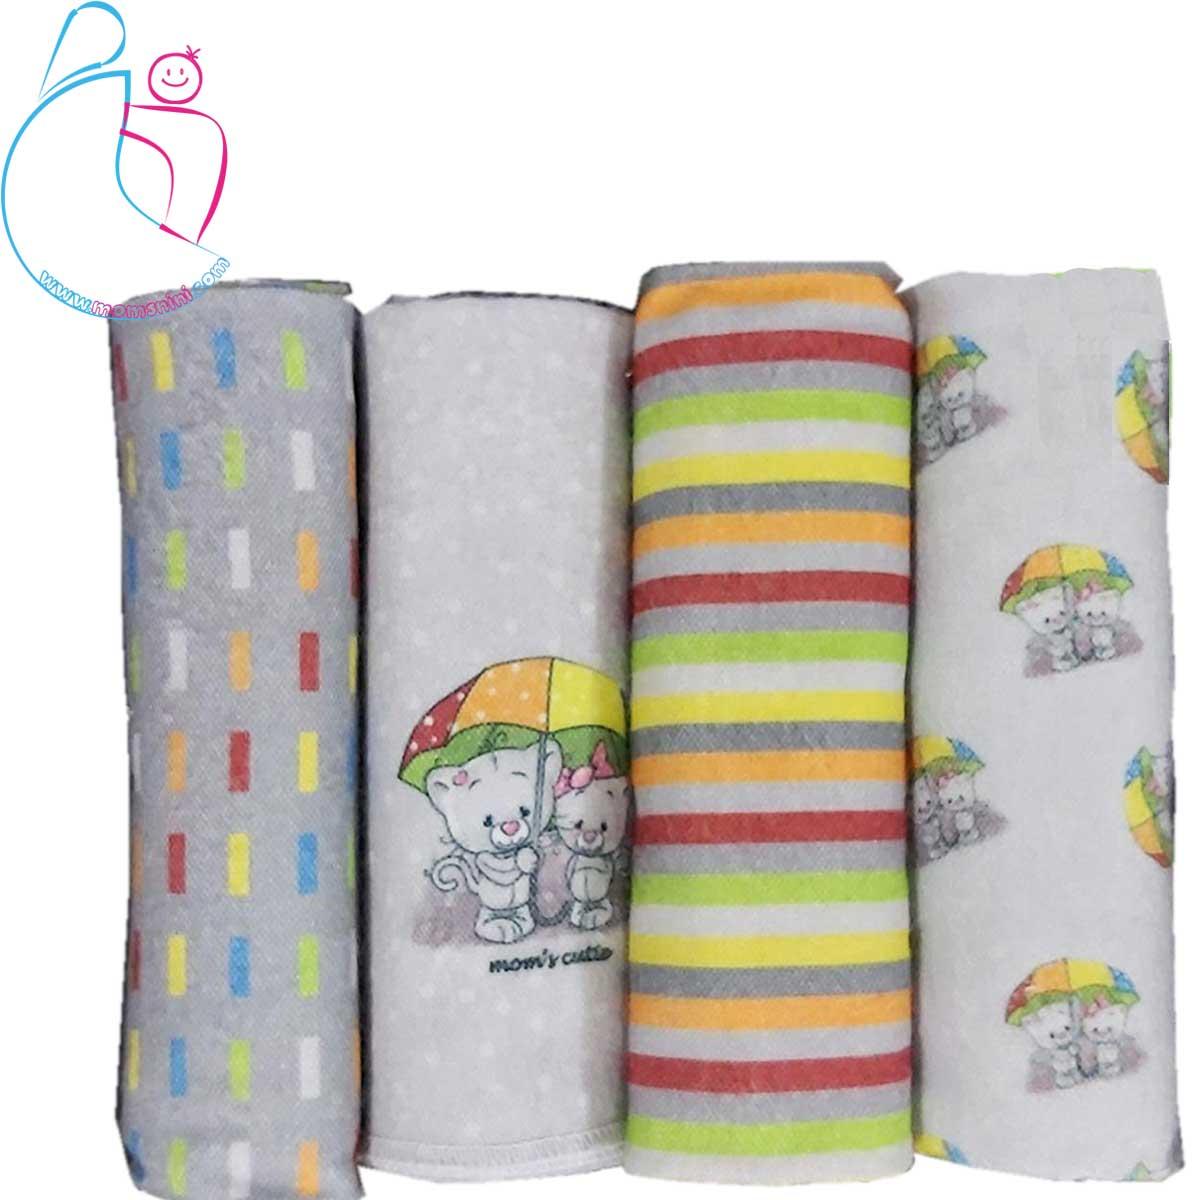 بسته ۴ تایی خشک کن  زیرانداز مامز کیوتی مدل گربه چتری